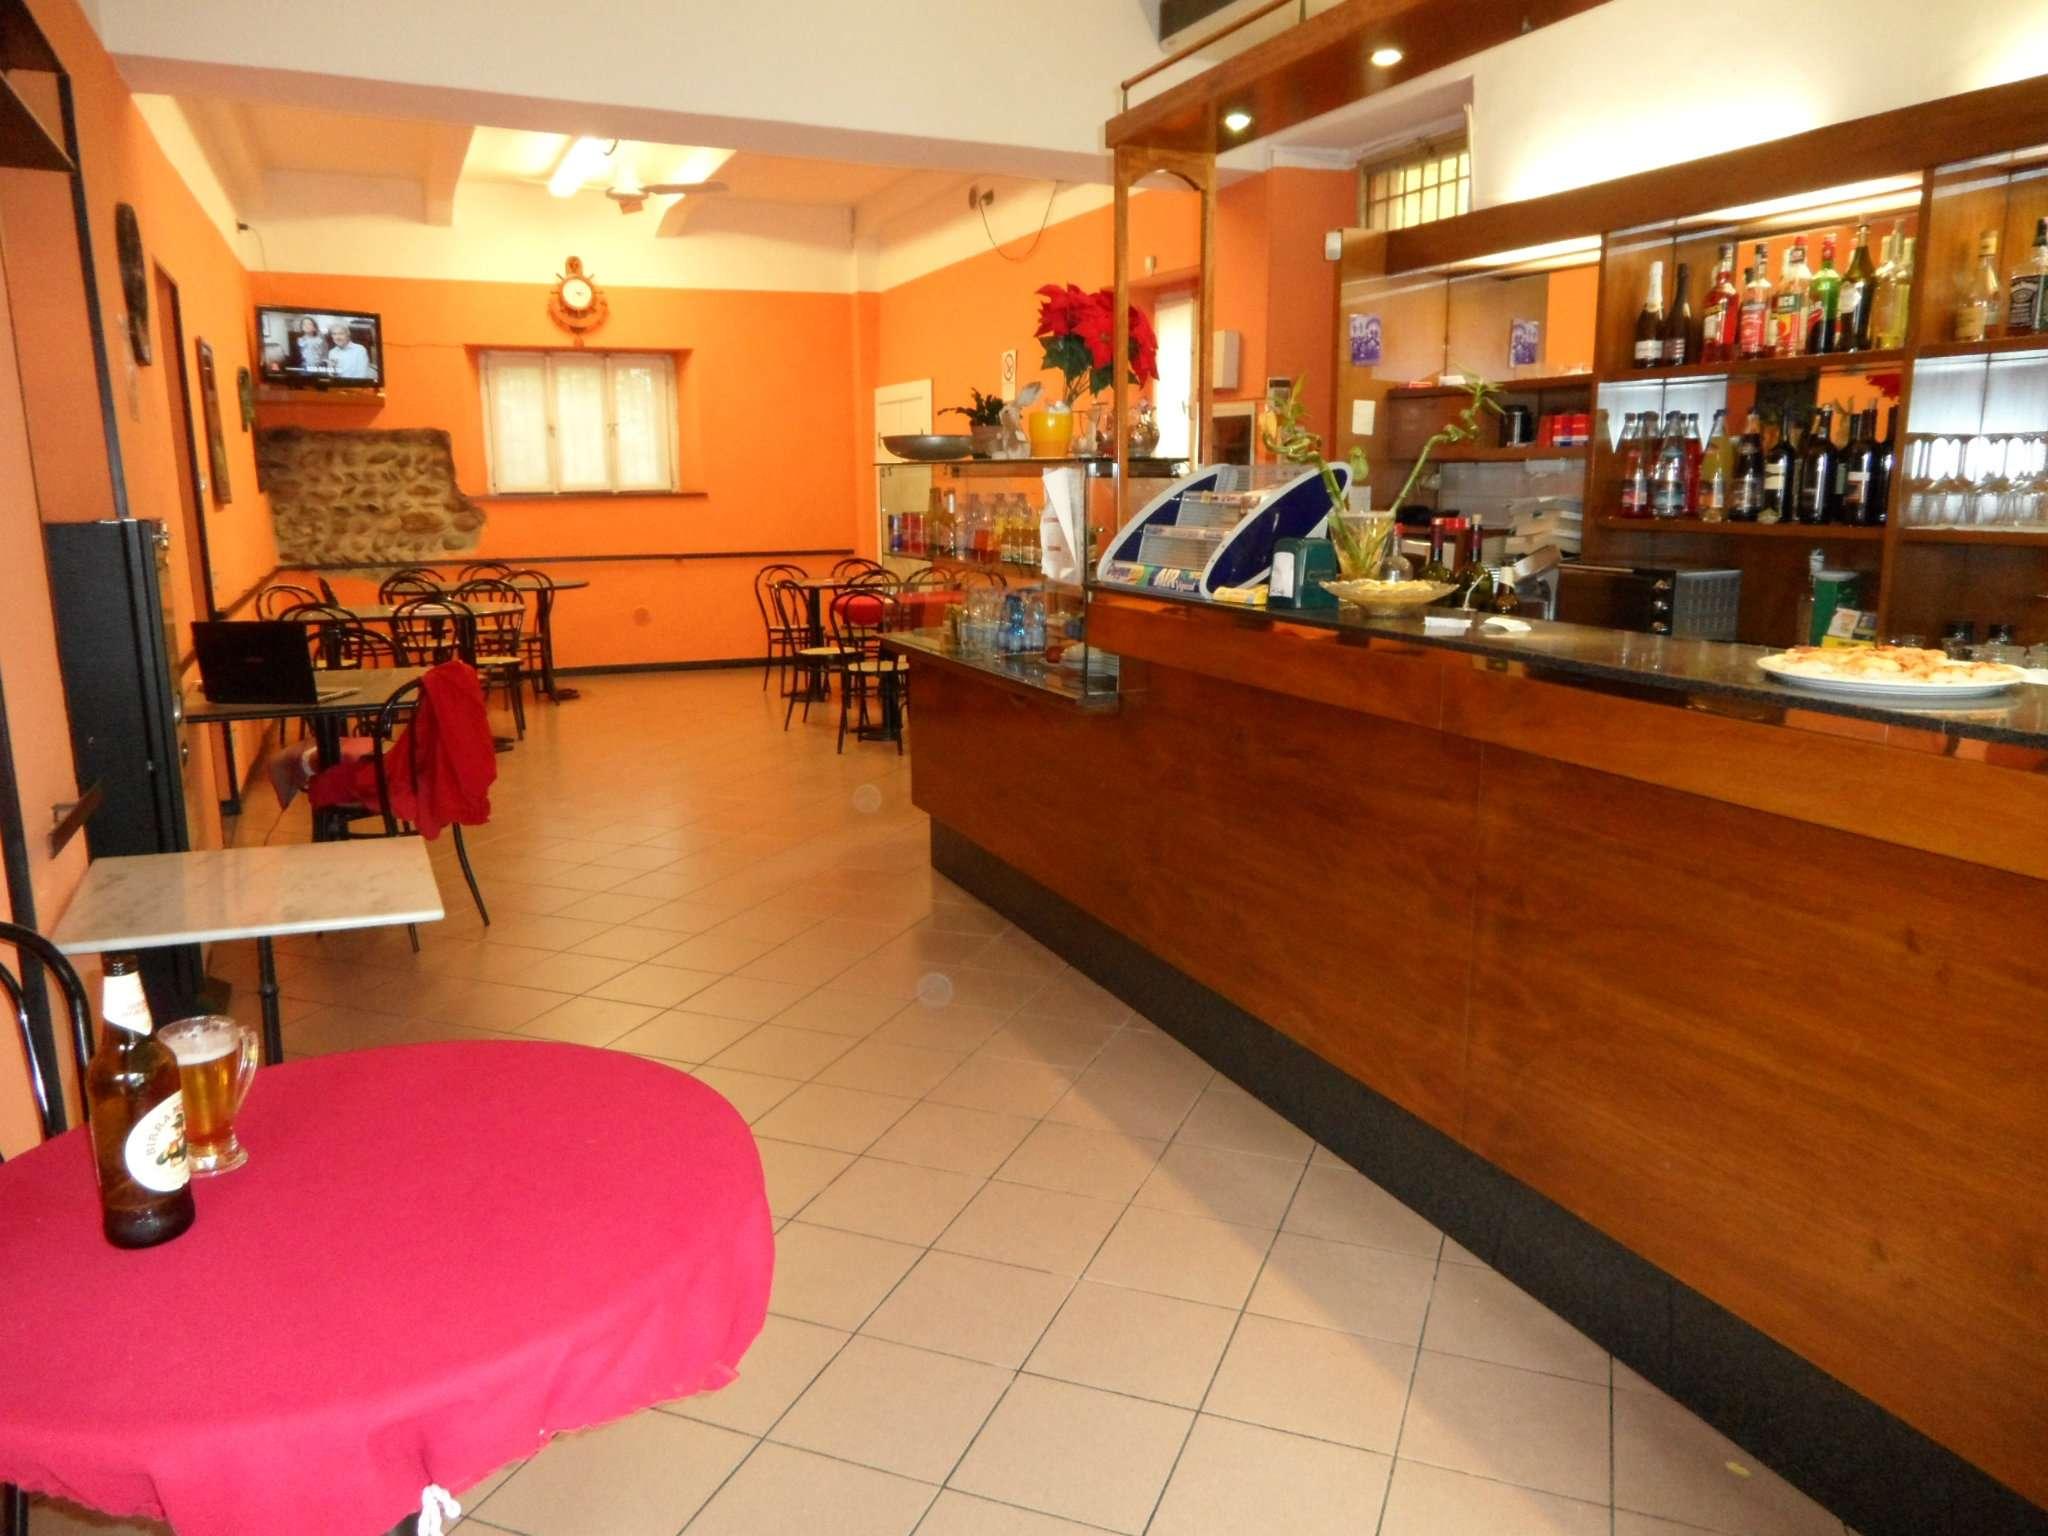 Negozio / Locale in vendita a Seriate, 2 locali, prezzo € 110.000 | Cambio Casa.it